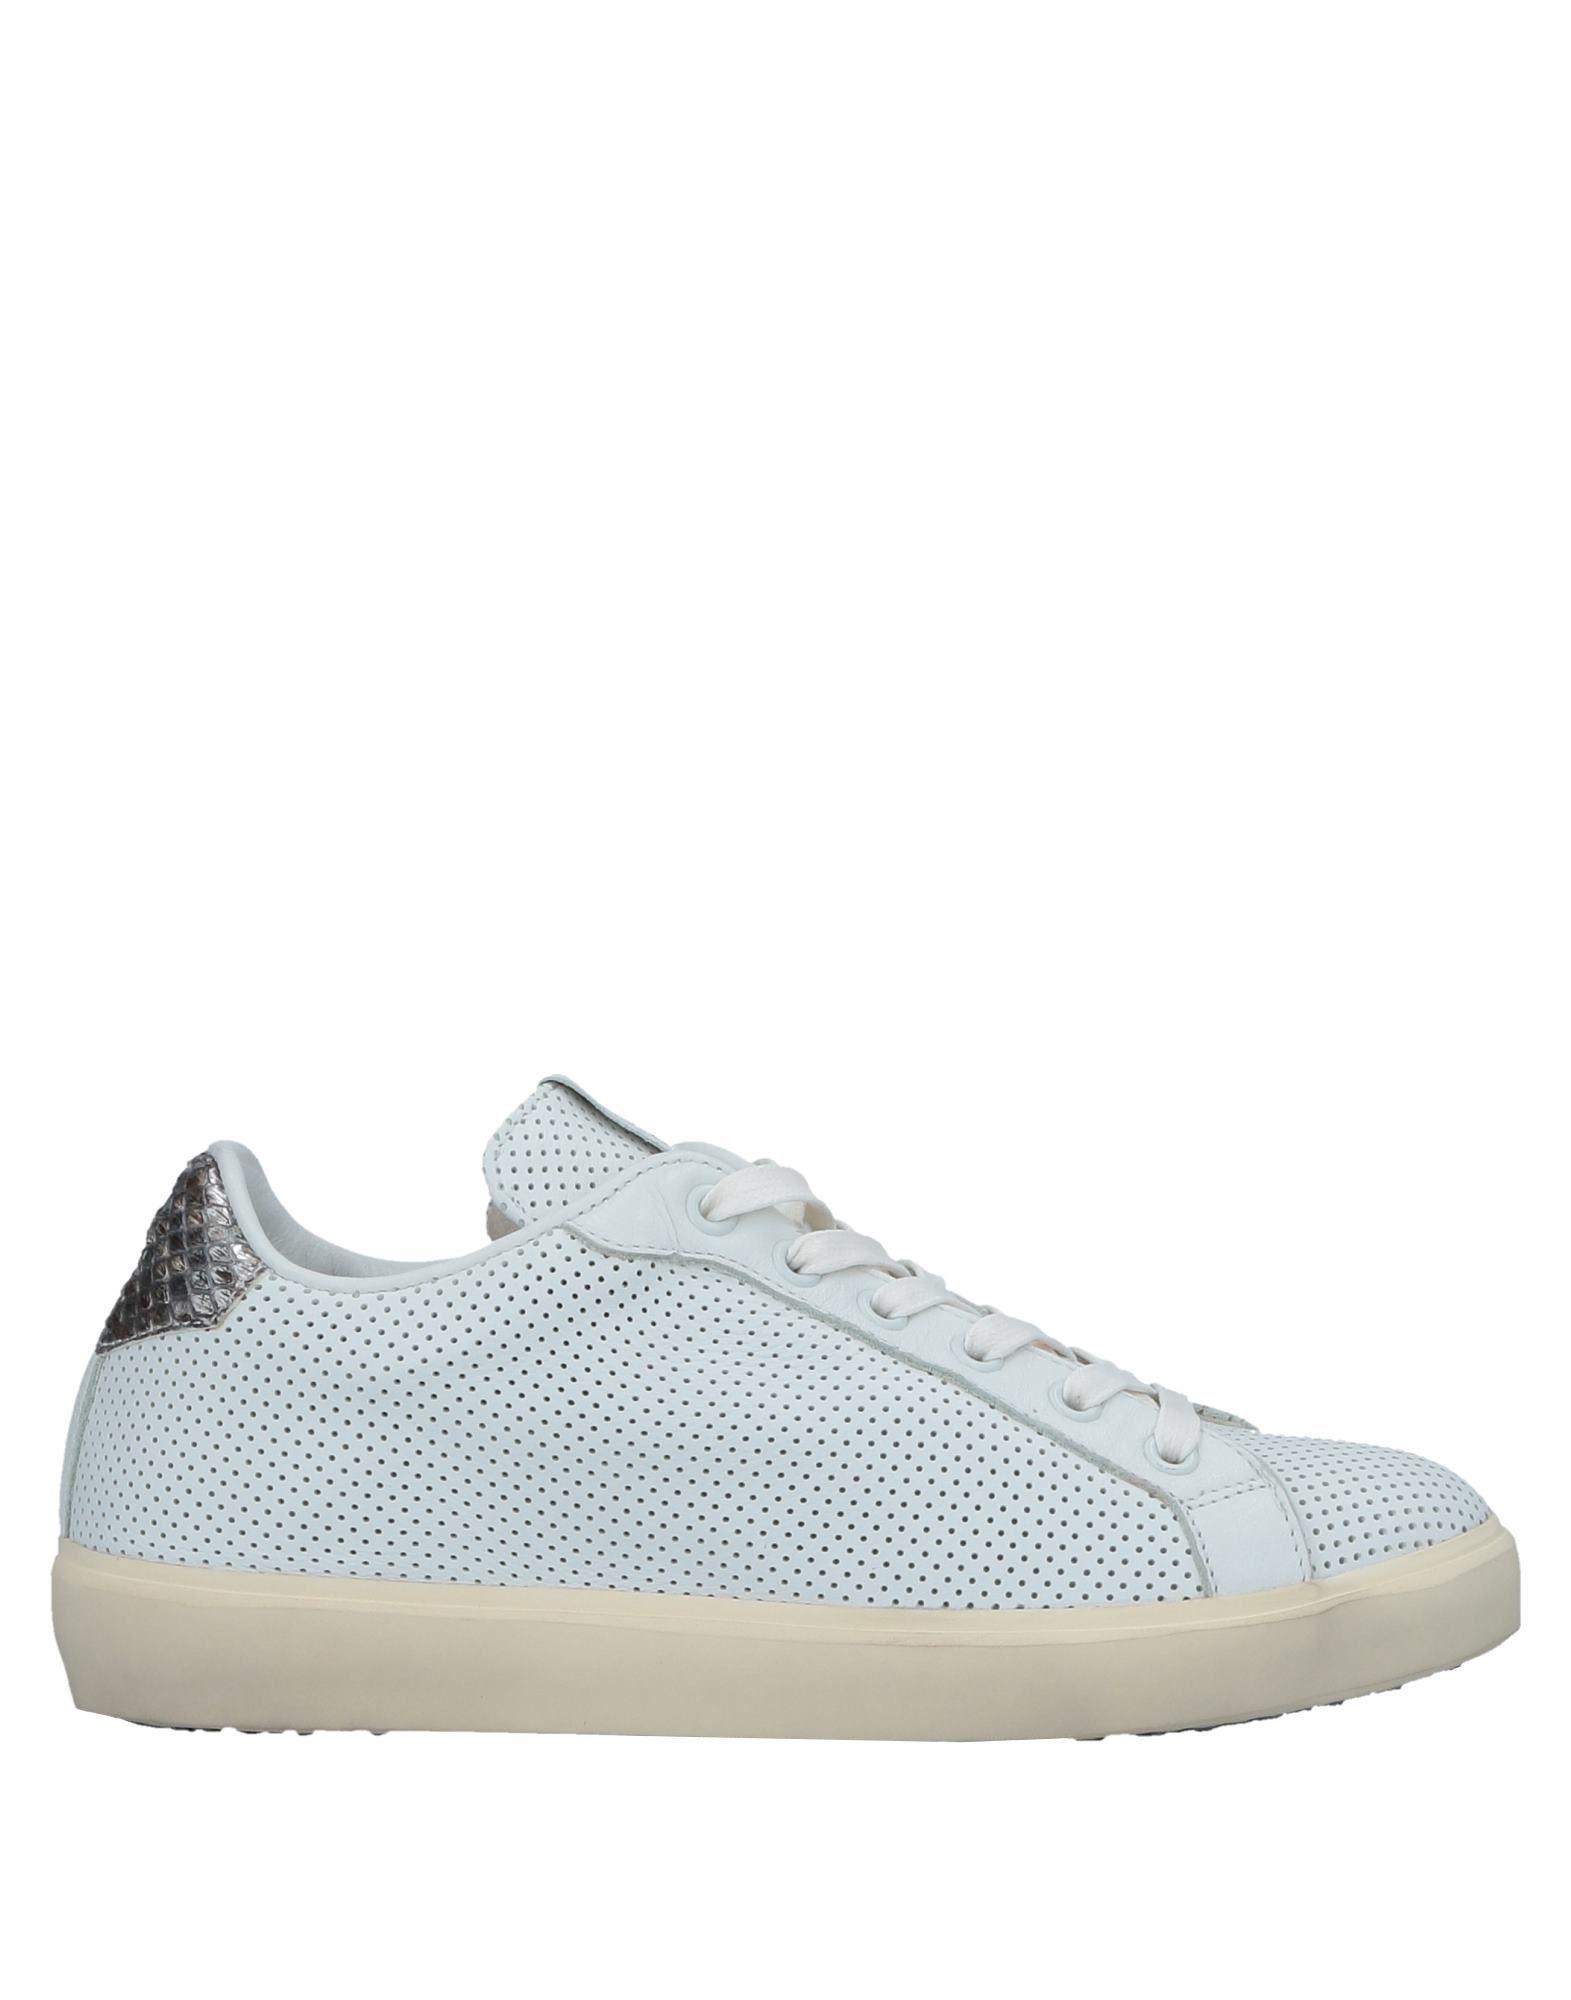 Sneakers Dooa Uomo - 11501825CV Scarpe economiche e buone